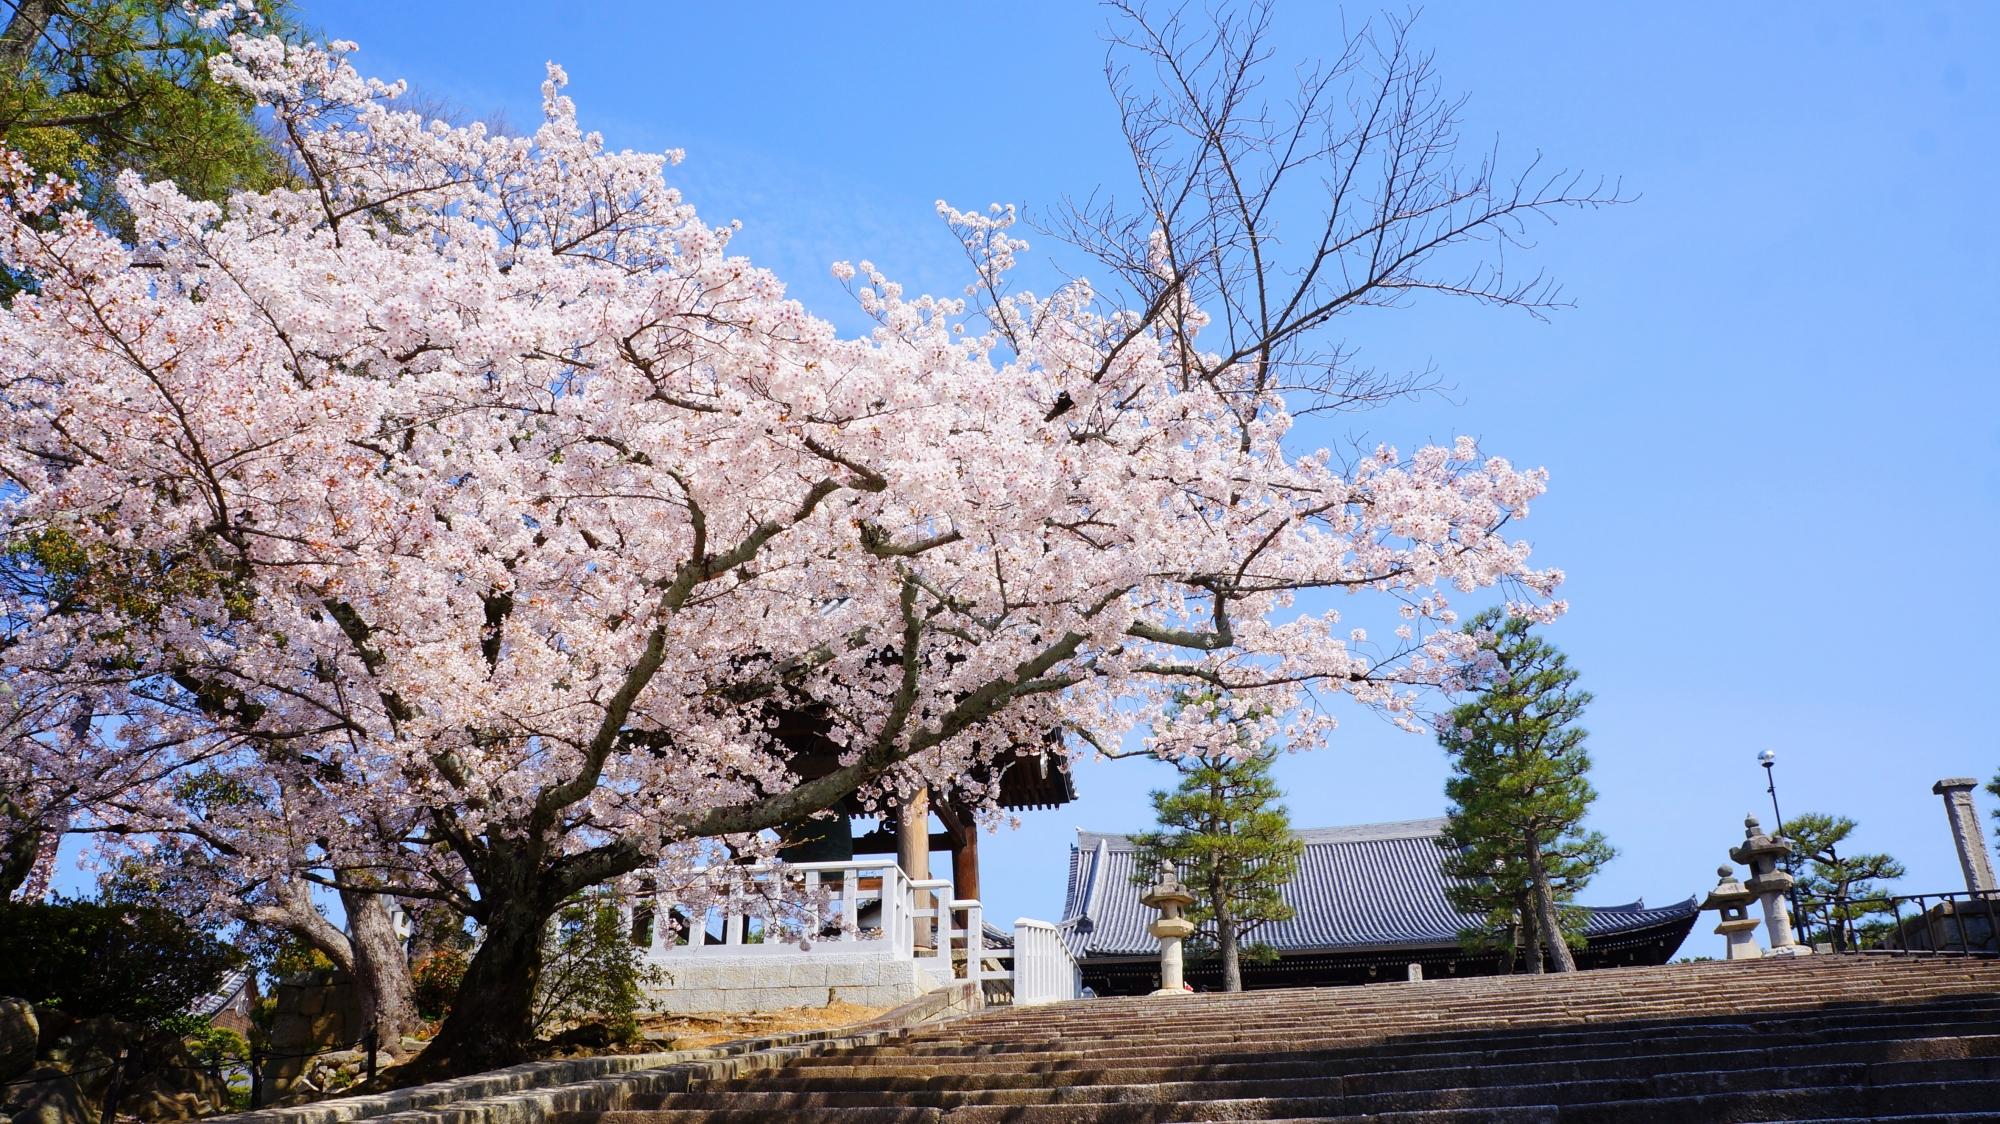 御影堂と石段と桜